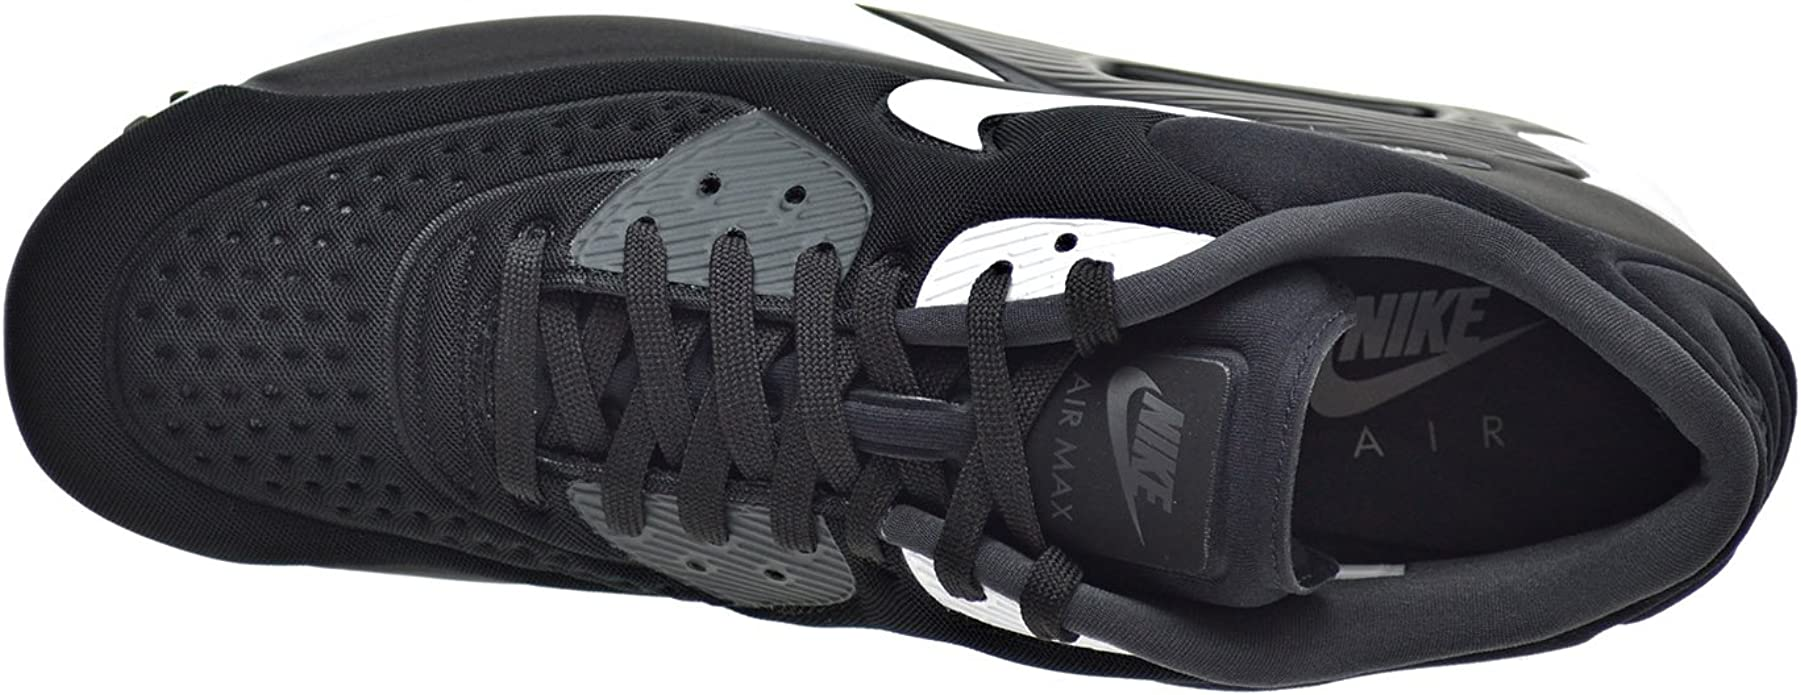 | Nike Air Max 90 Ultra SE Men's Shoes Black